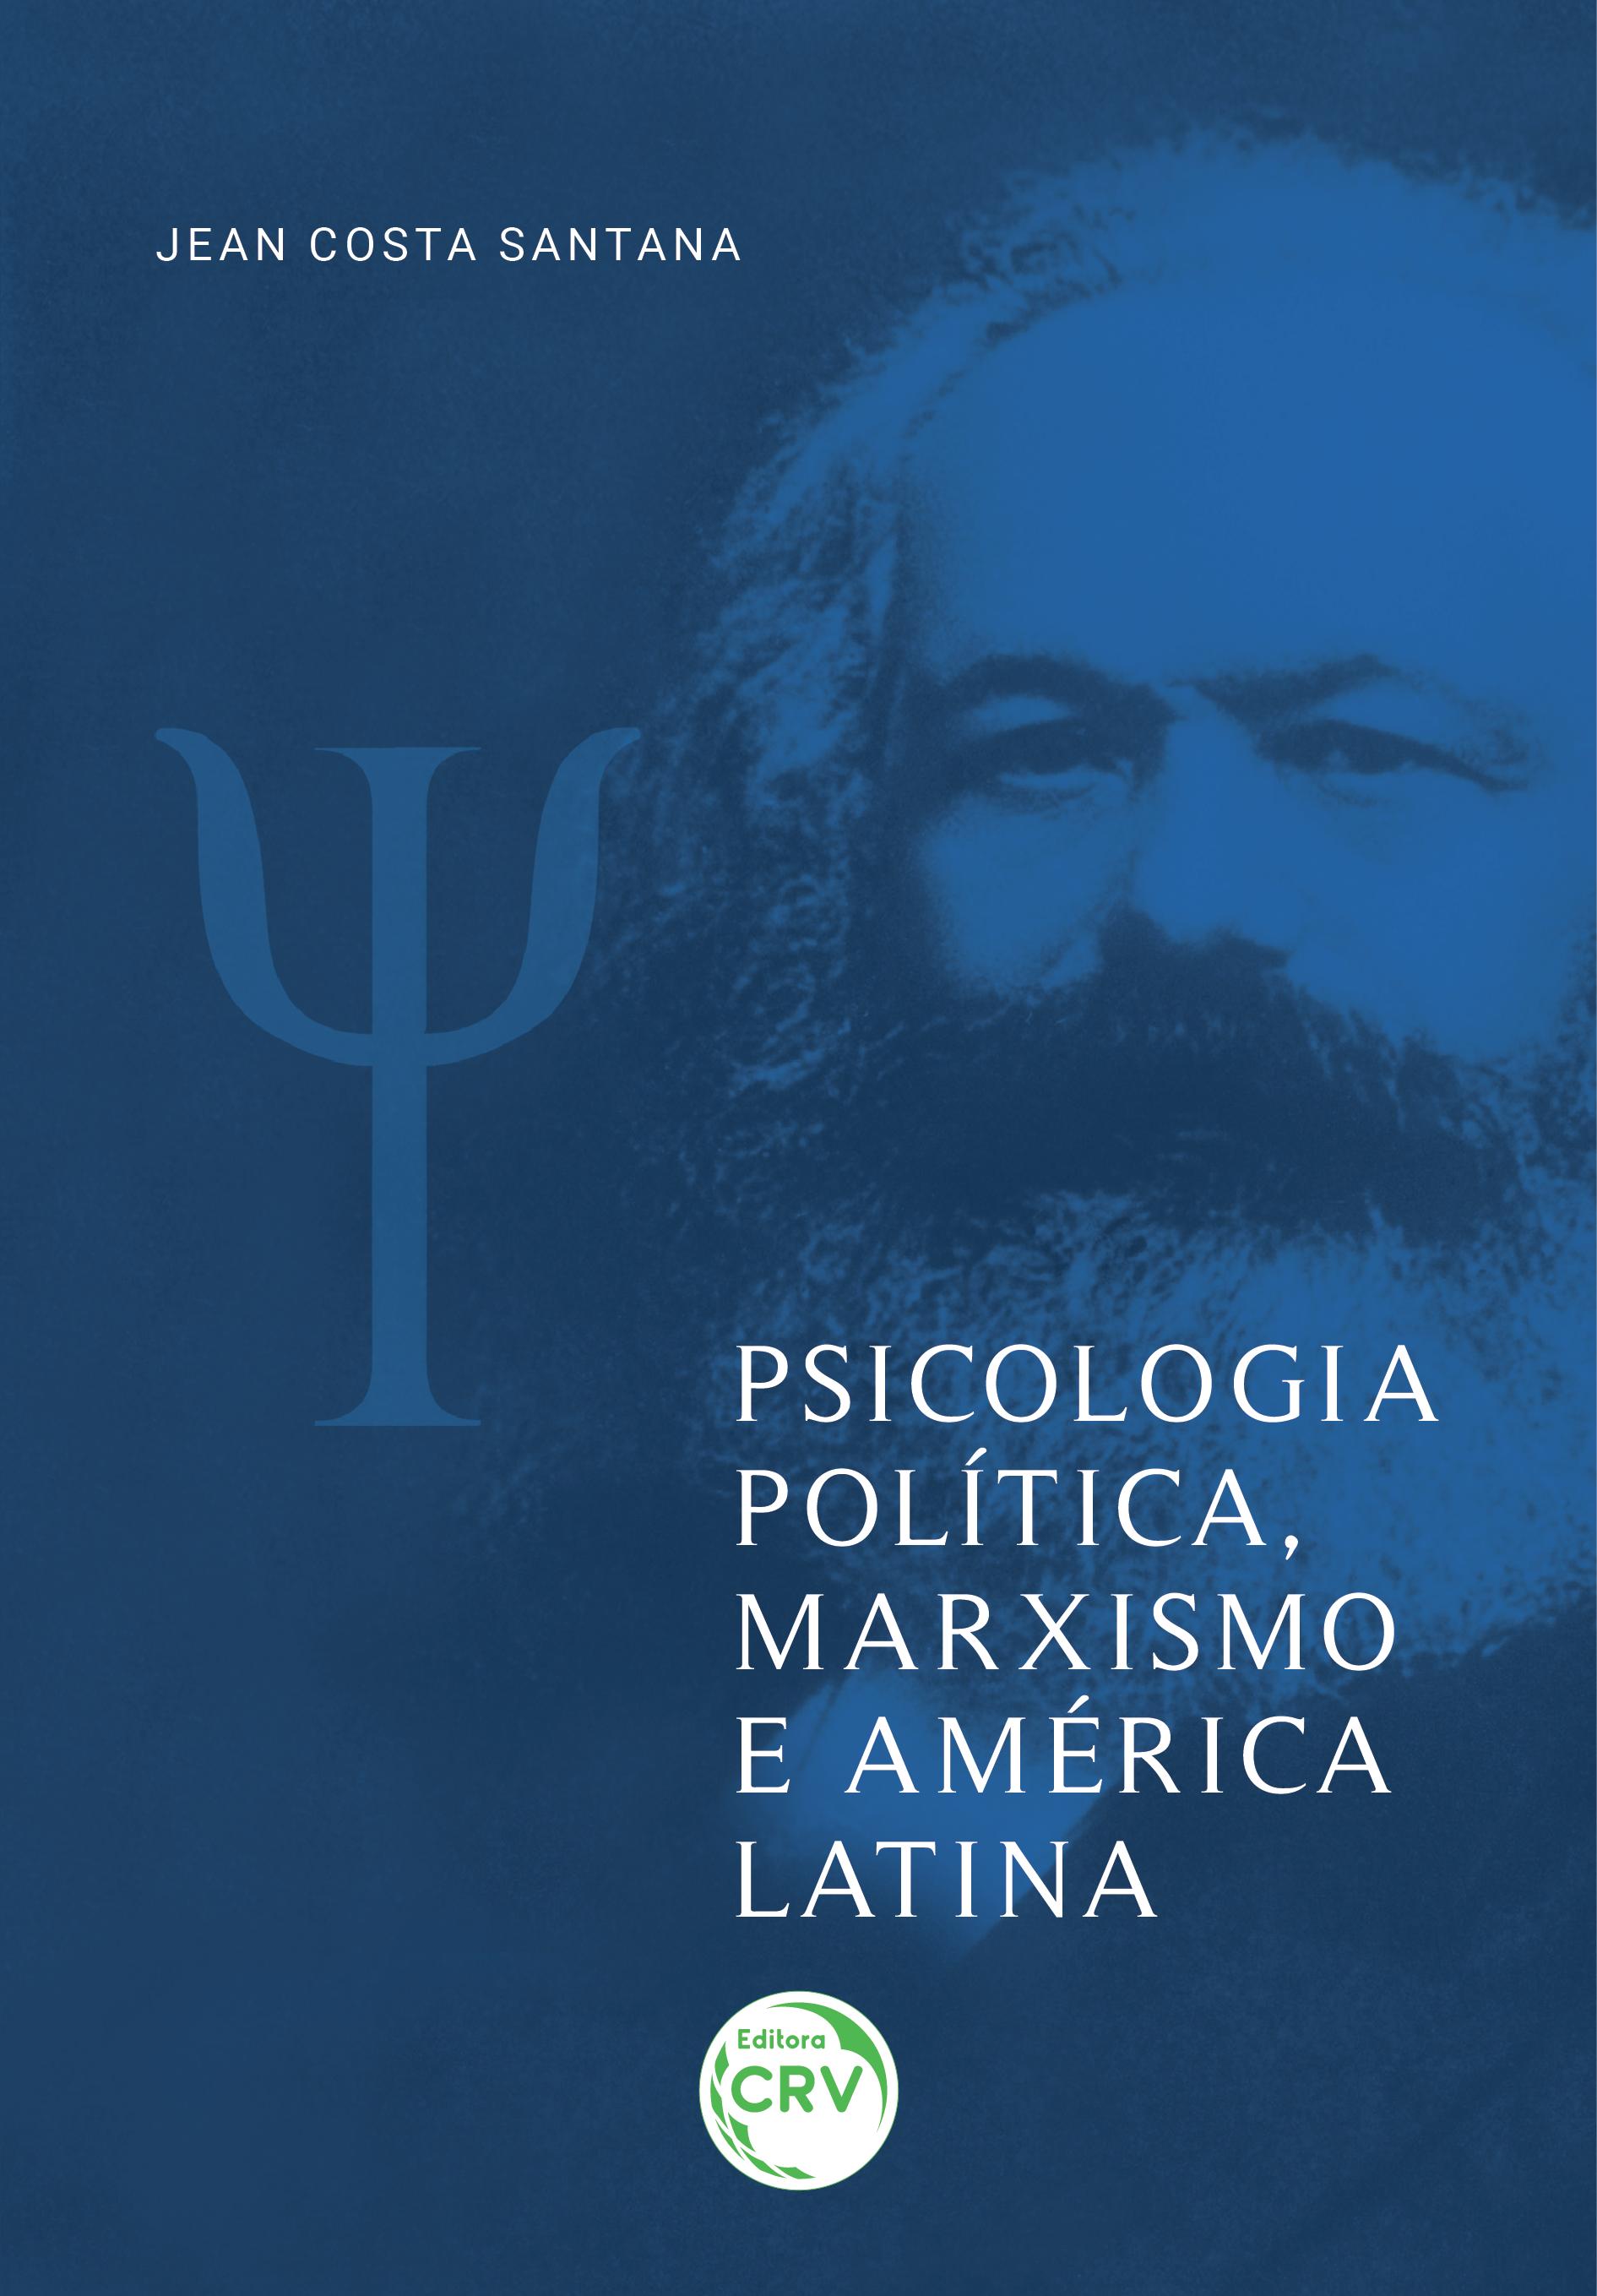 Capa do livro: PSICOLOGIA POLÍTICA, MARXISMO E AMÉRICA LATINA